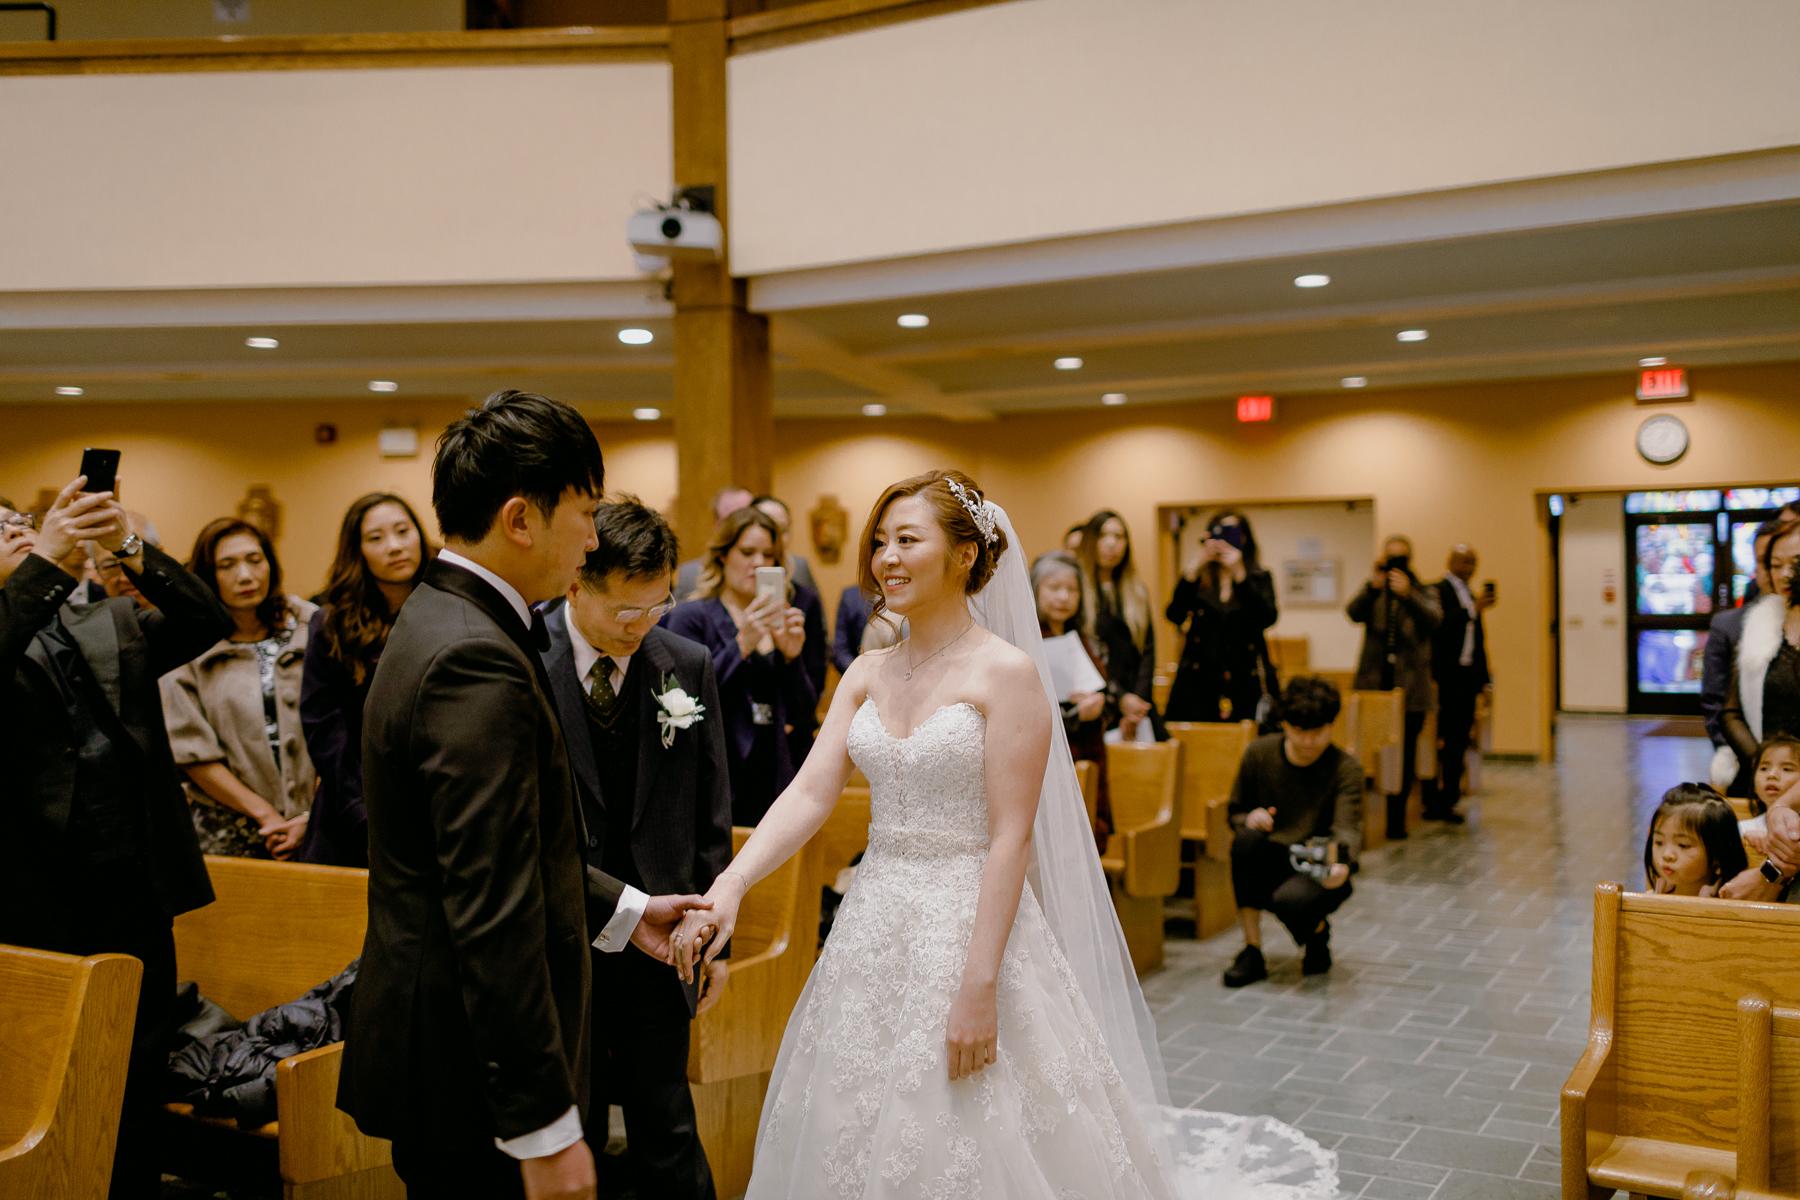 markham-wedding-photography-markham-museum-wedding 0033.jpg